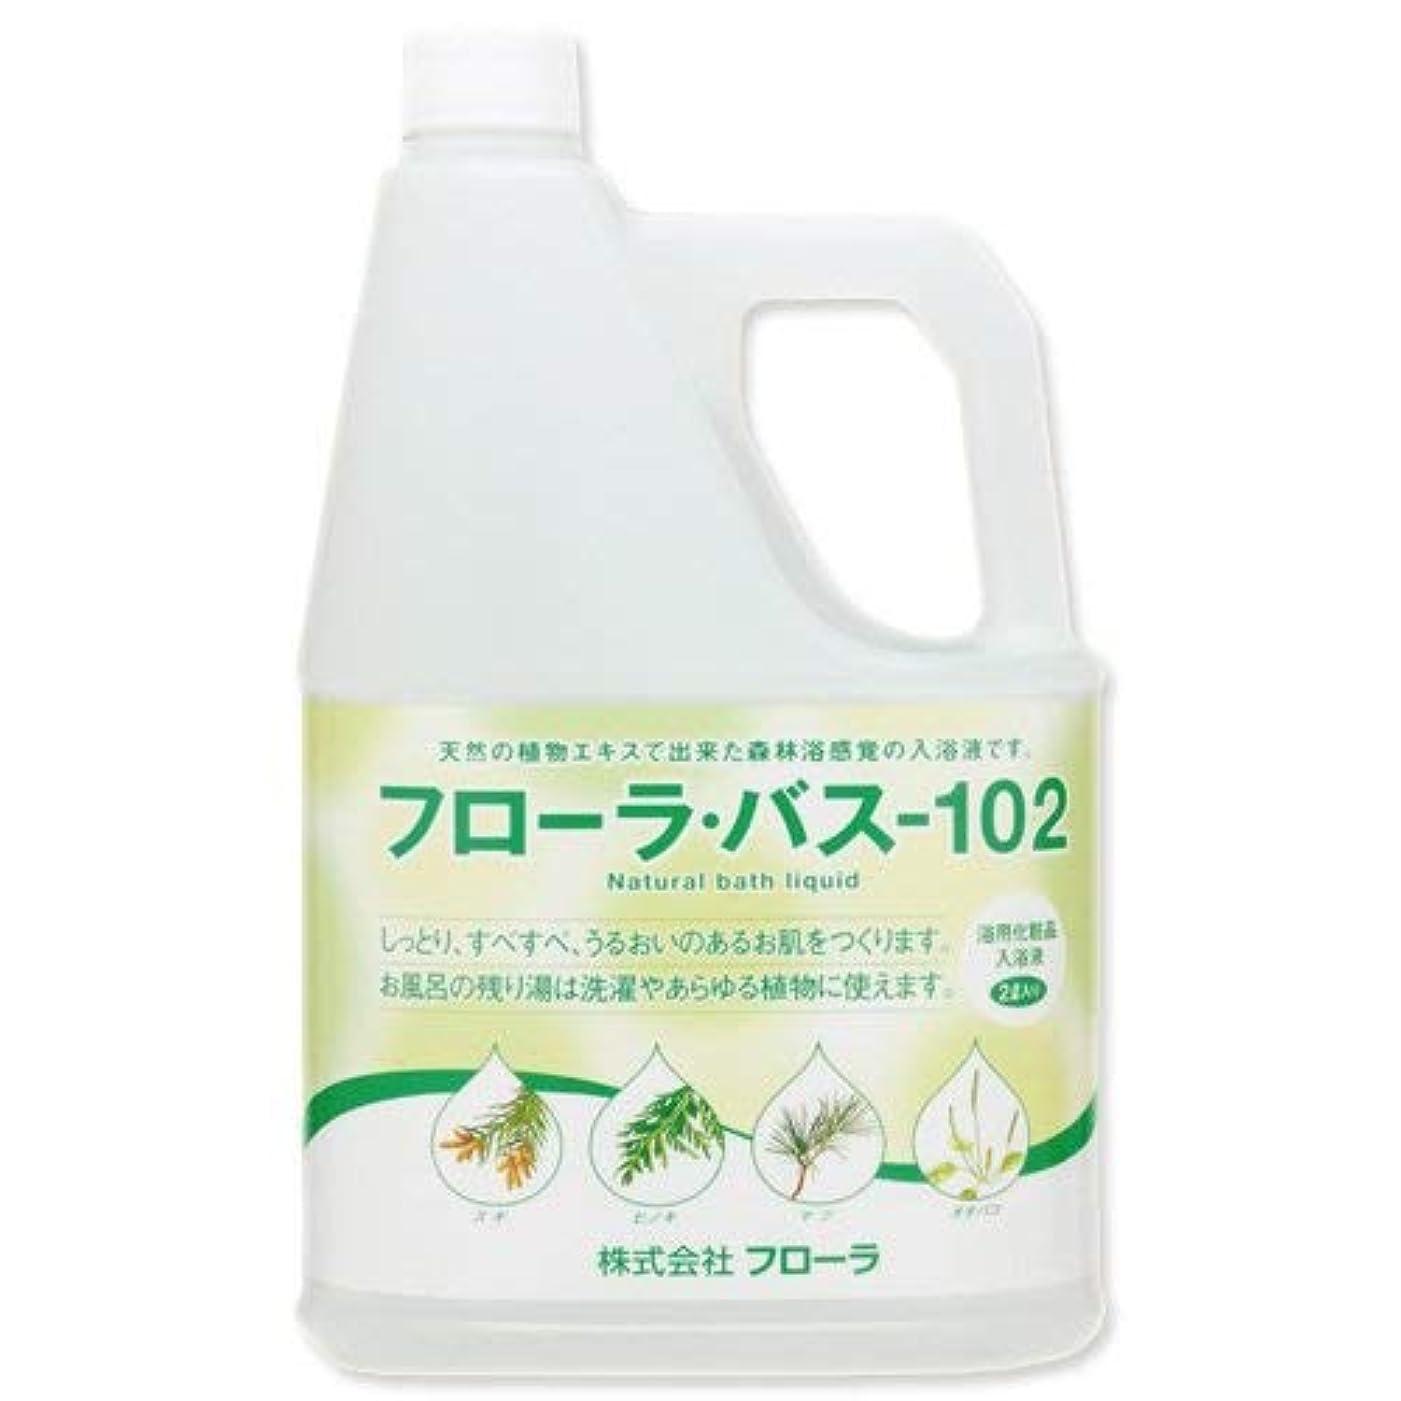 浴室理解する未就学浴用化粧品 入浴液 フローラ?バス-102  2L